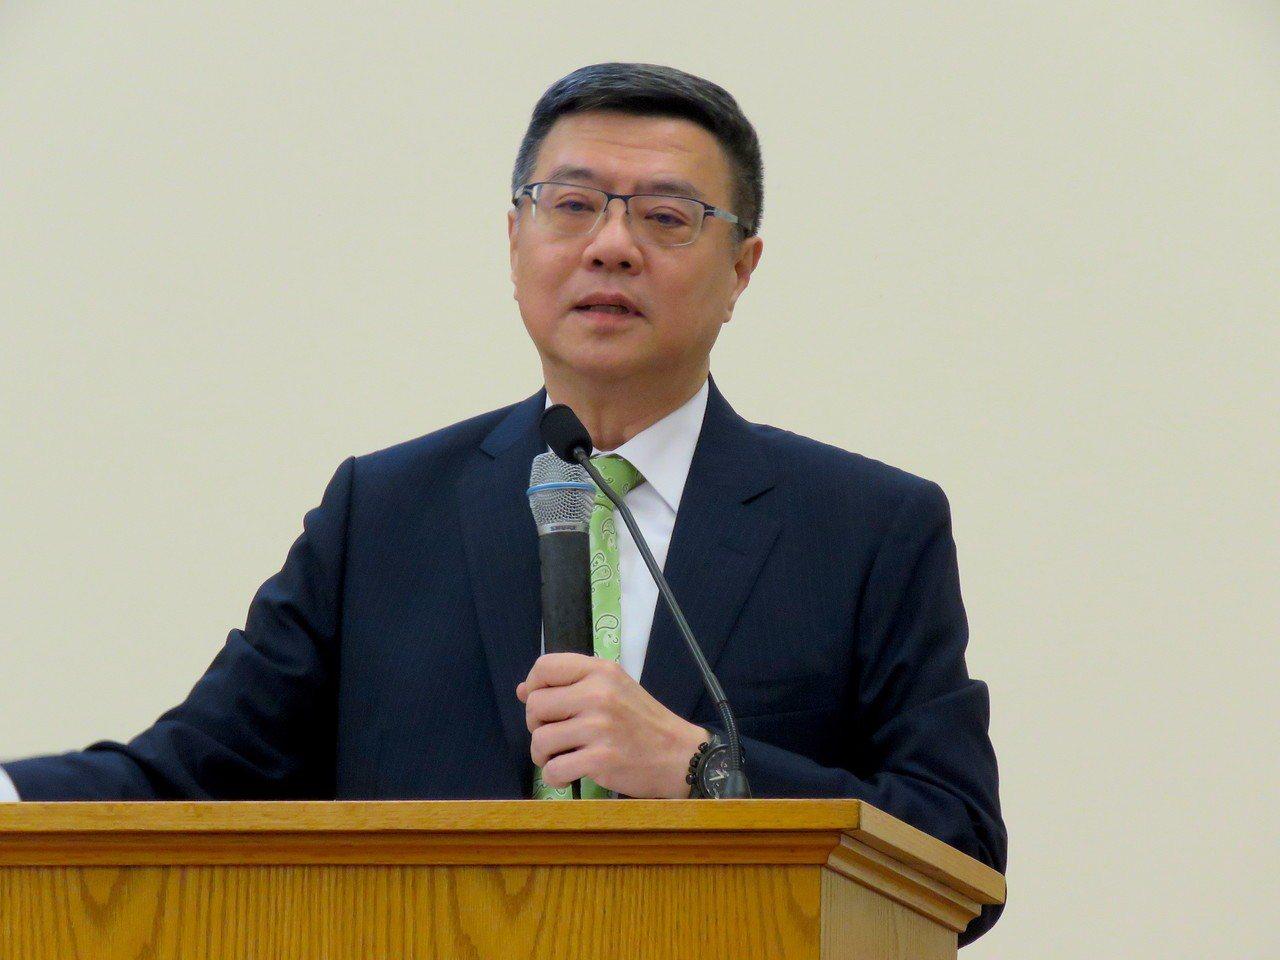 民進黨主席卓榮泰30日在美國華府舉行僑界座談會。 聯合報系華盛頓記者張加/攝影